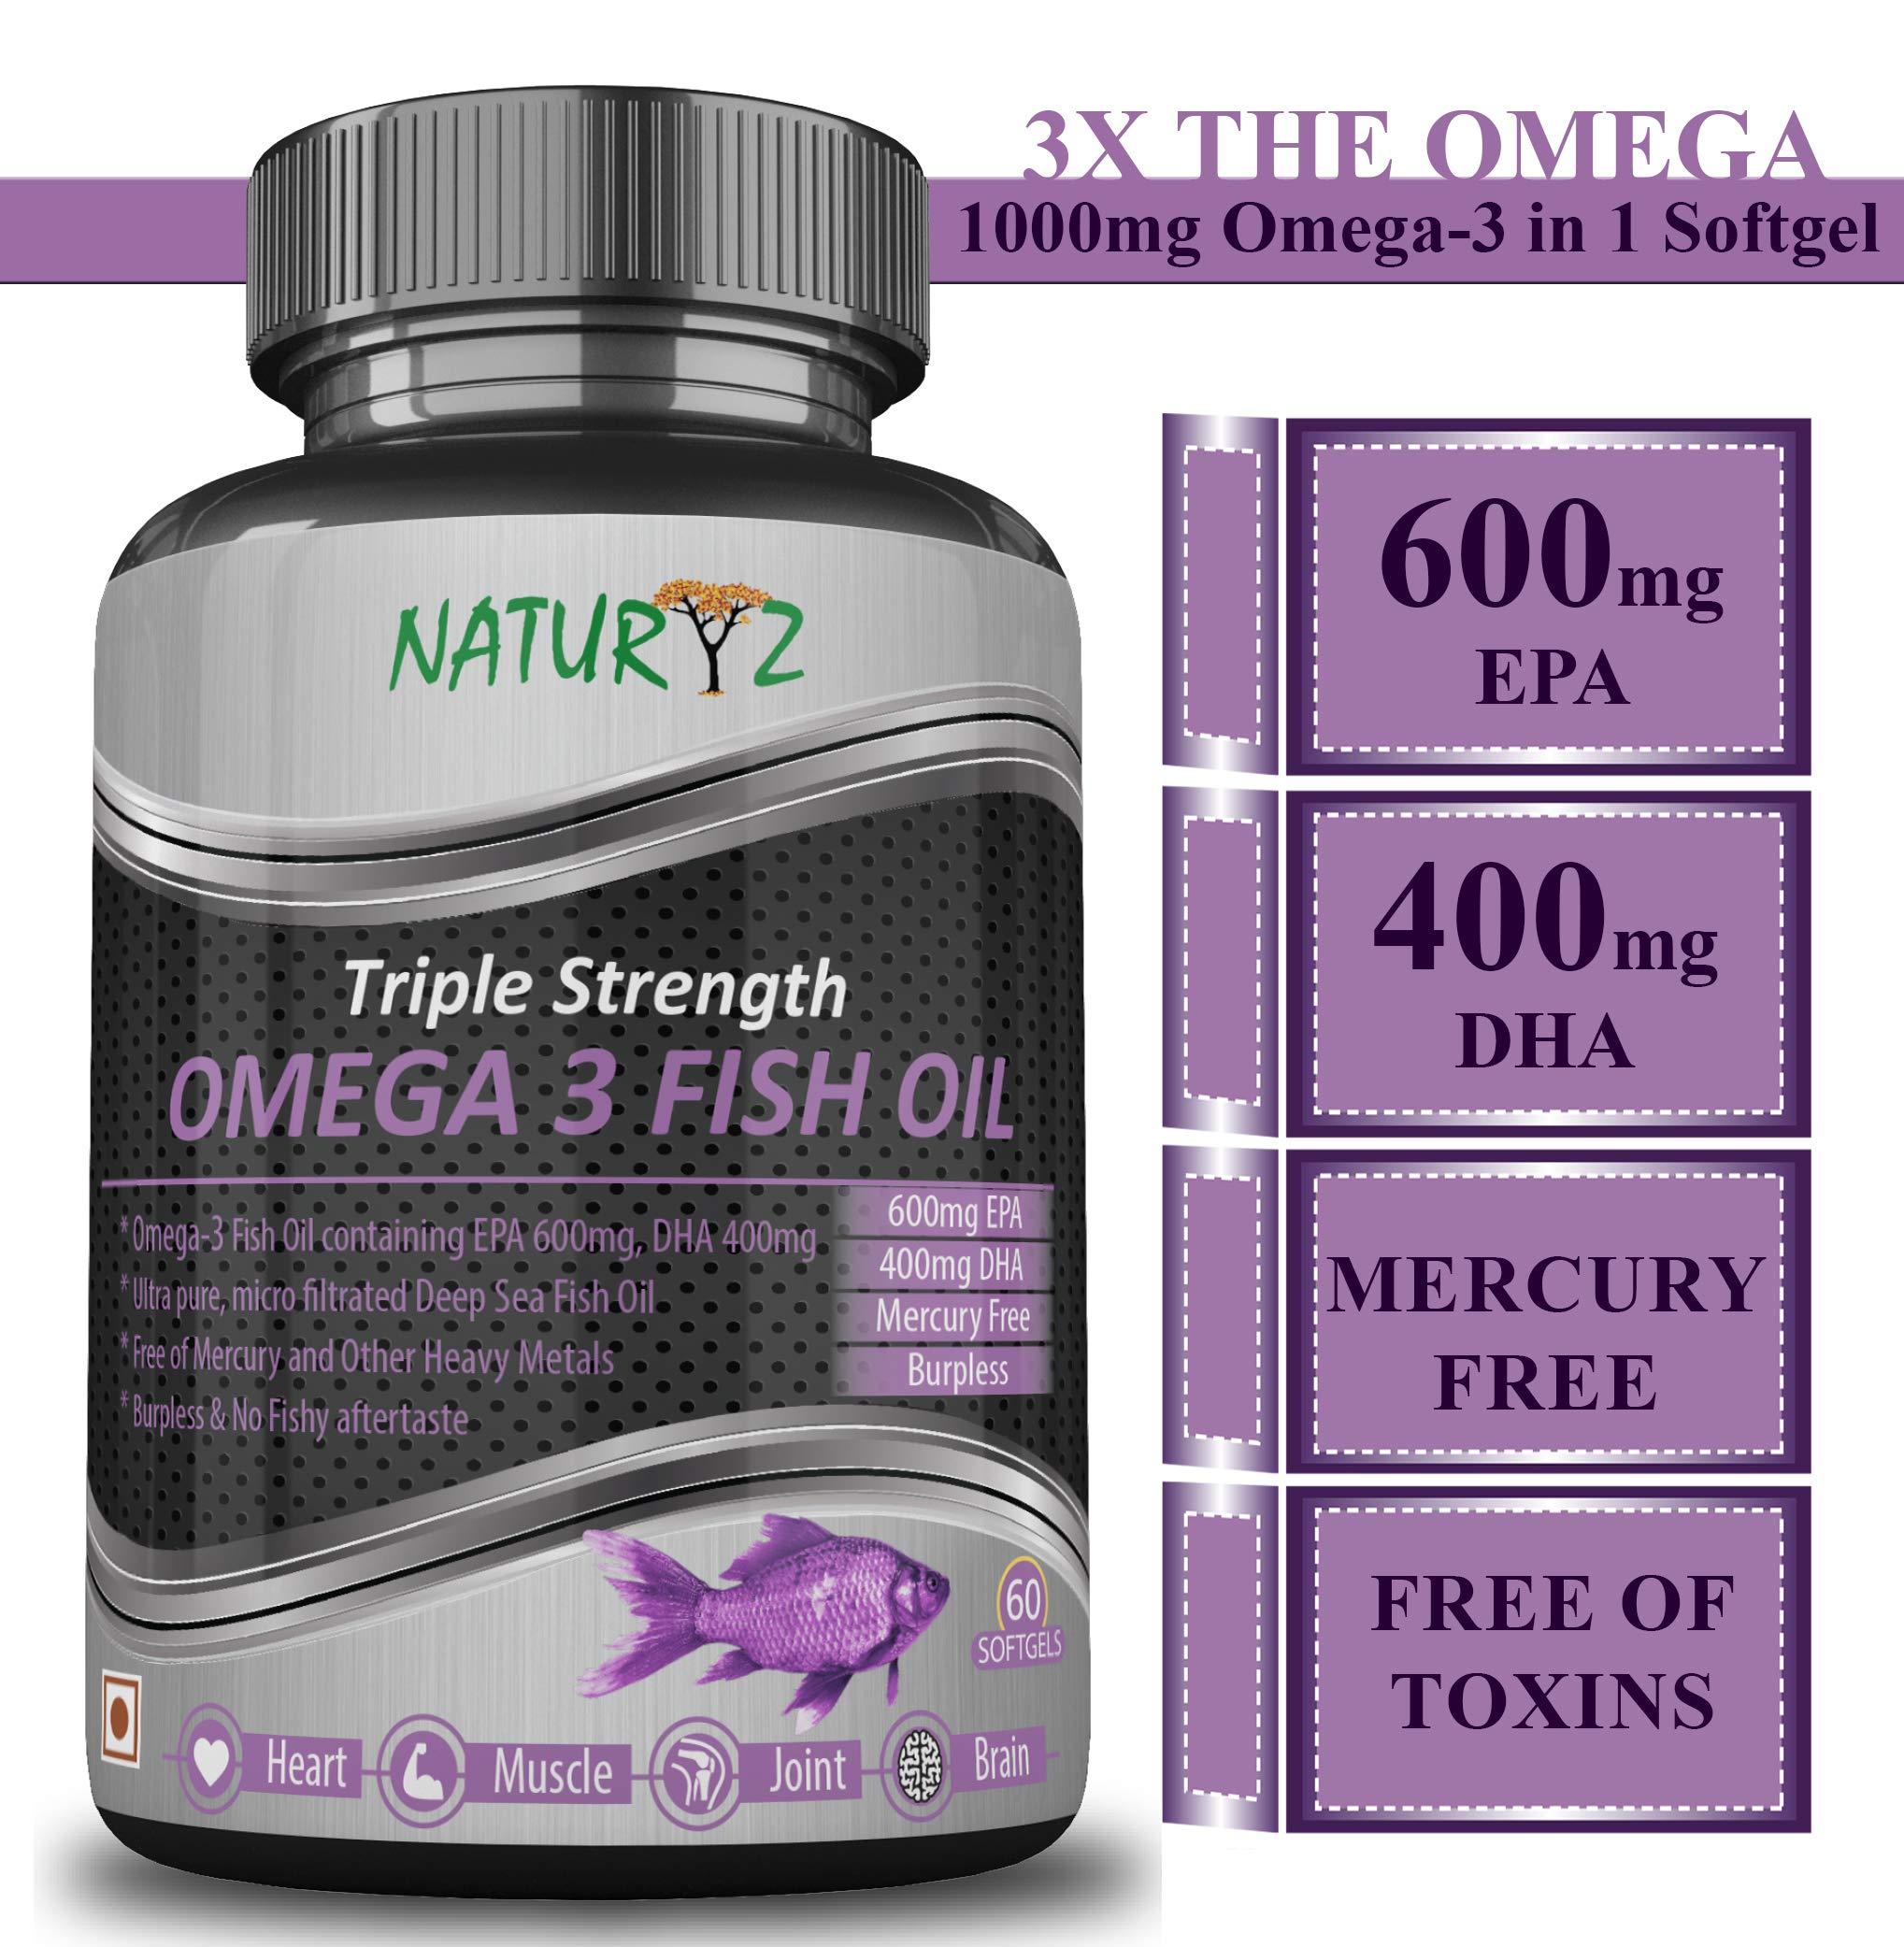 Naturyz Fish Oil 1400Mg (Triple Strength) With 1000Mg Omega 3 (600Mg Epa, 400Mg Dha) - 60 Softgels product image